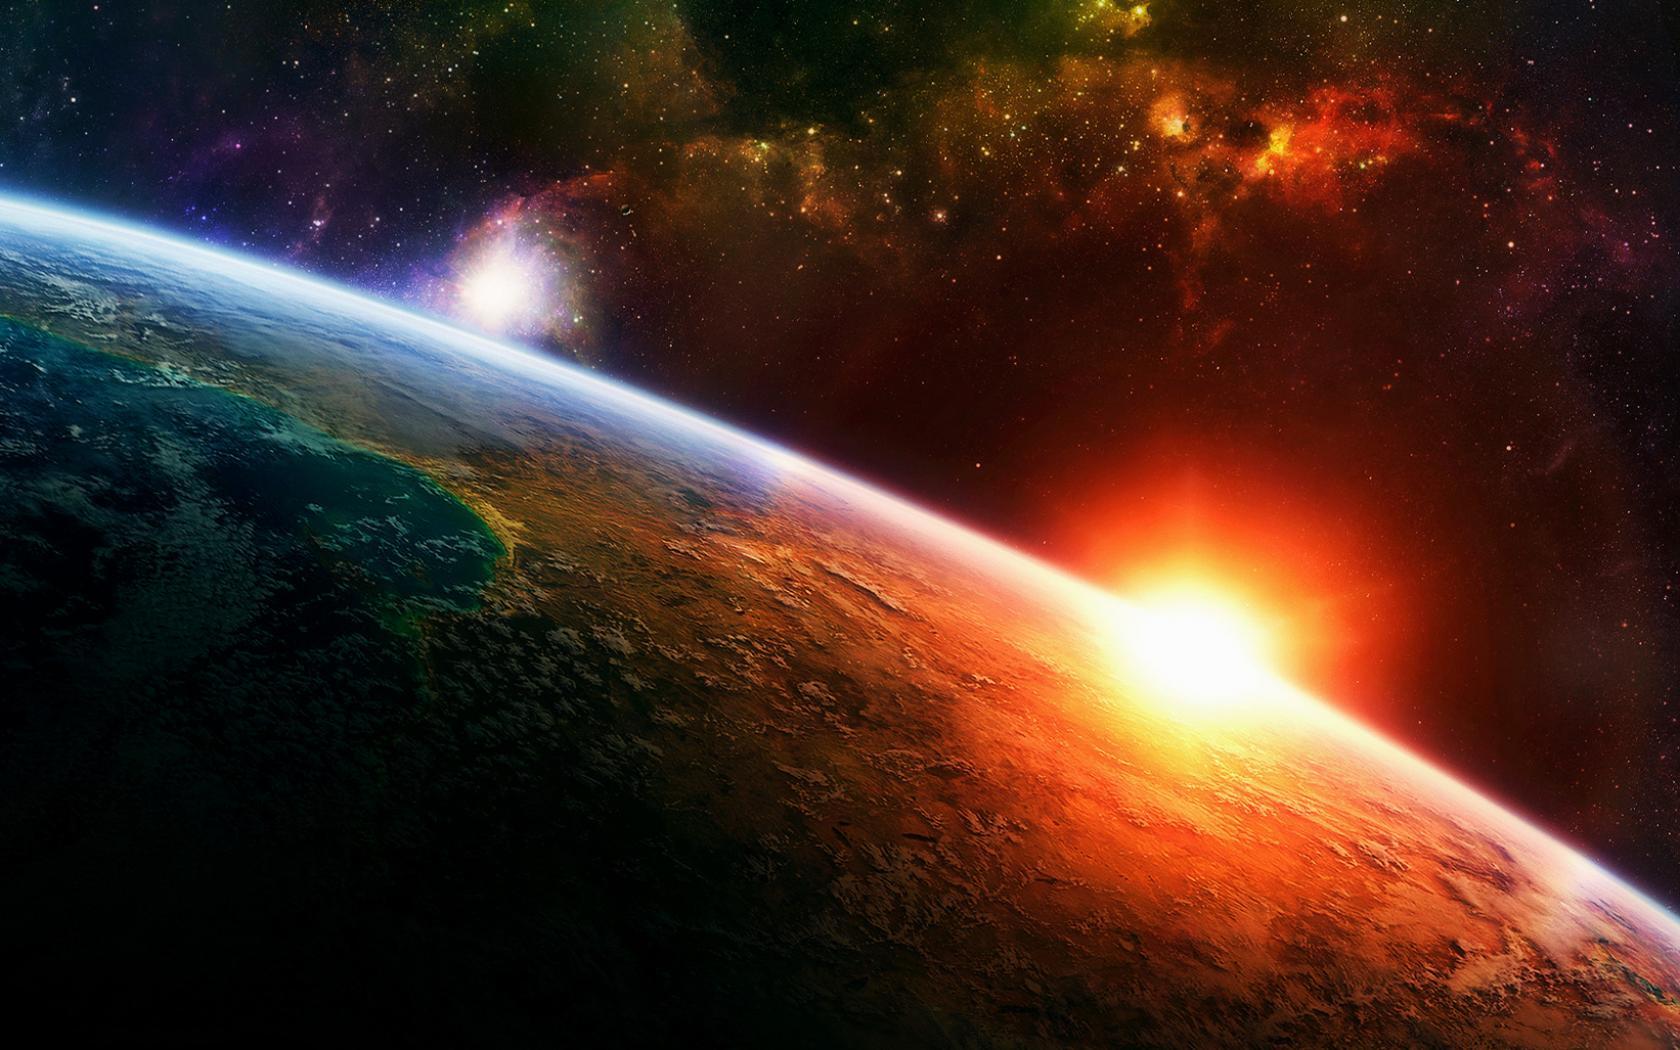 Sfondi e wallpaper dei pianeti del sistema solare for Sfondi spazio hd